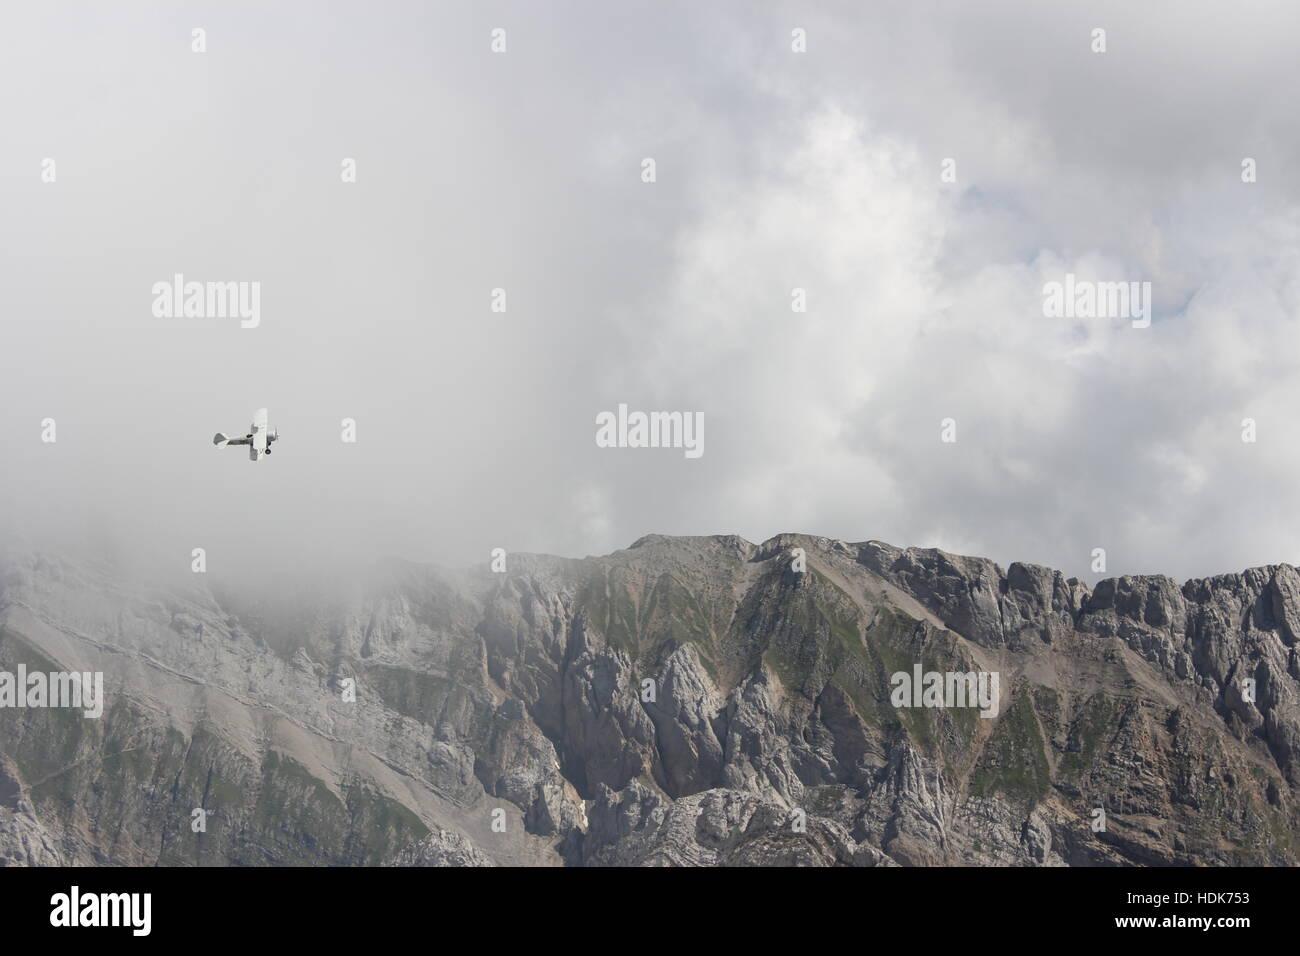 Ein Flugzeug fliegt in der Nähe von dem Gipfel des Säntis in den Schweizer Alpen Stockbild